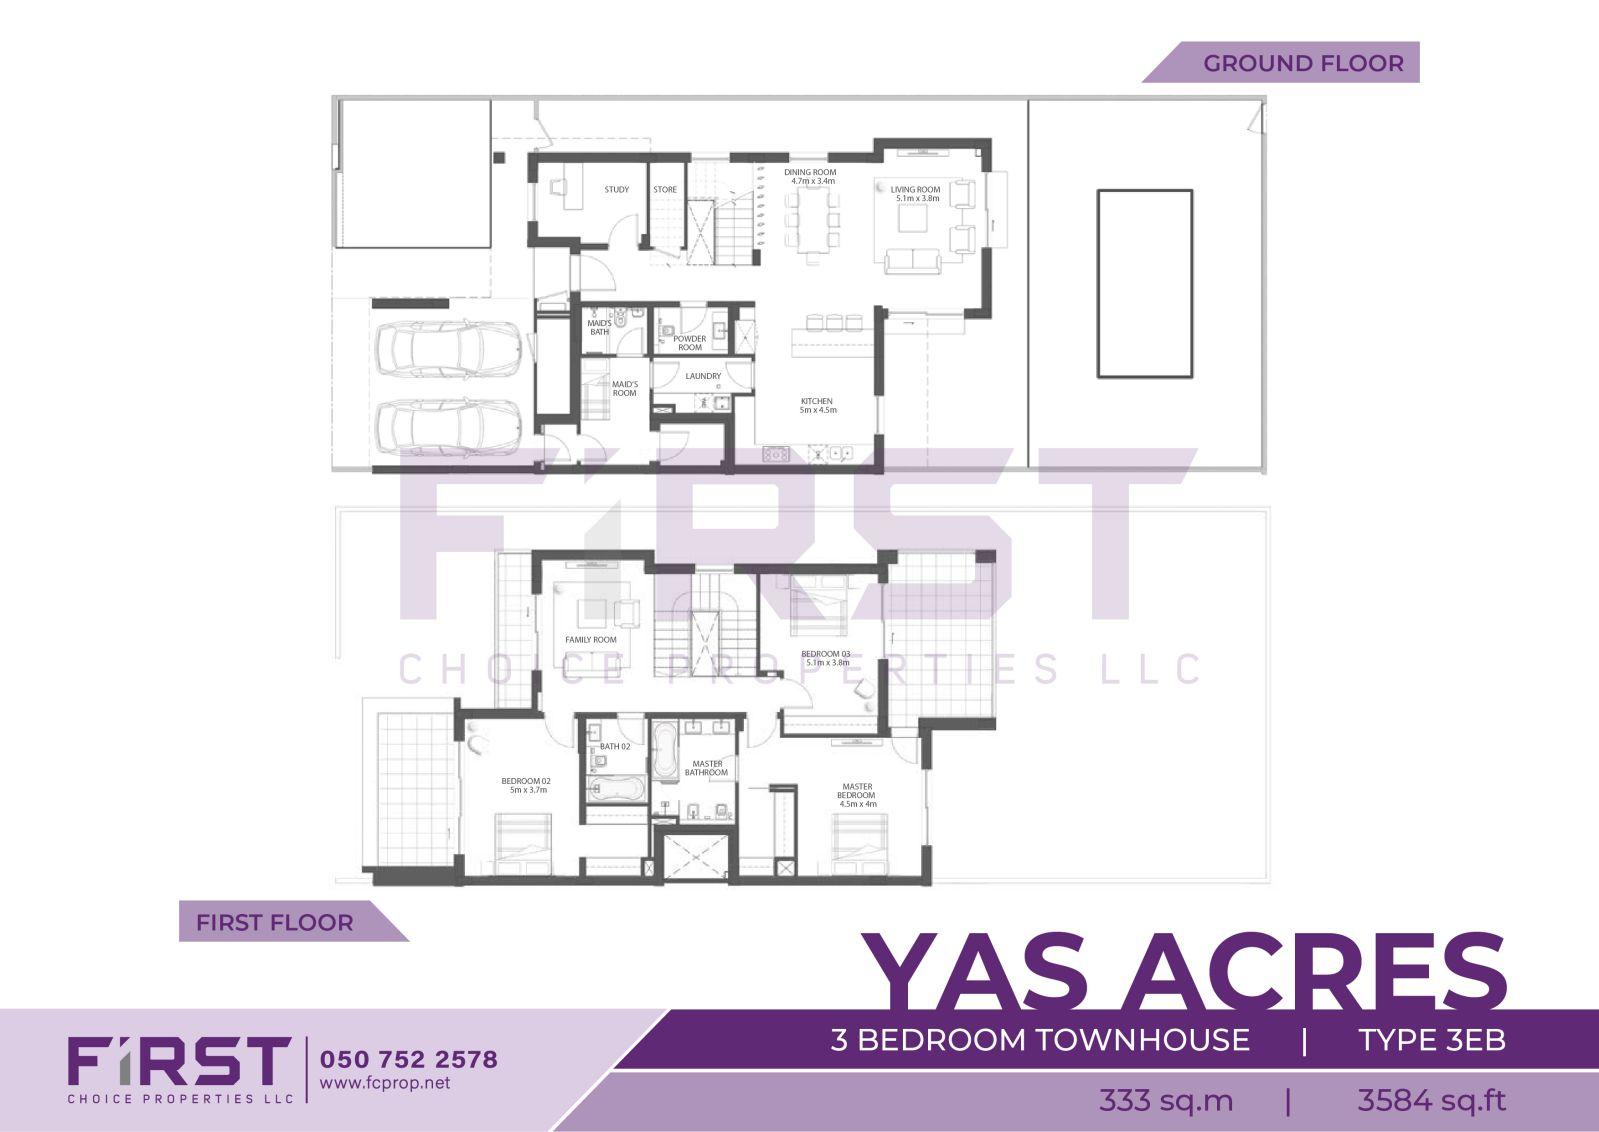 Floor Plan of 3 Bedroom Townhouse Type 3EB in Yas Acres Yas Island Abu Dhabi UAE 333 sq.m 3584 sq.ft .jpg